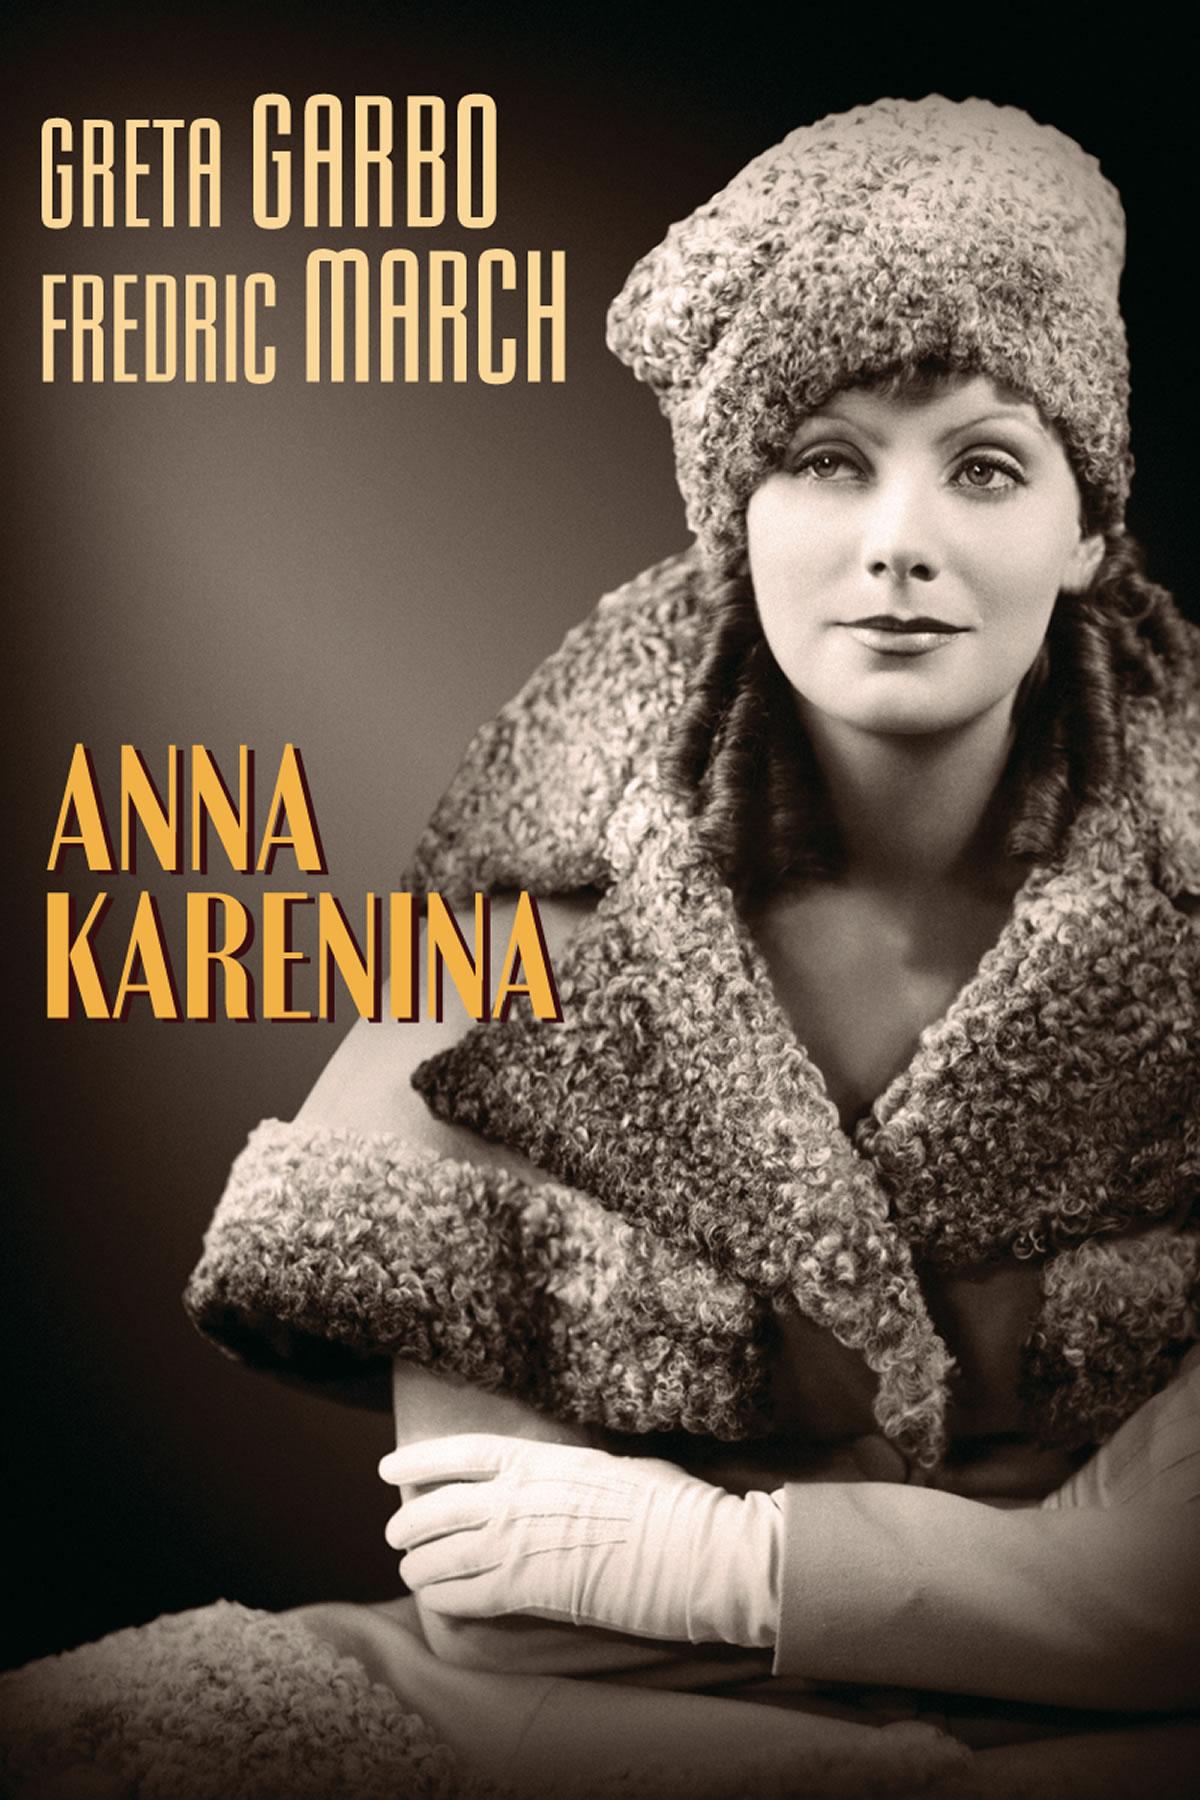 Ana Karenjina - Greta Garbo